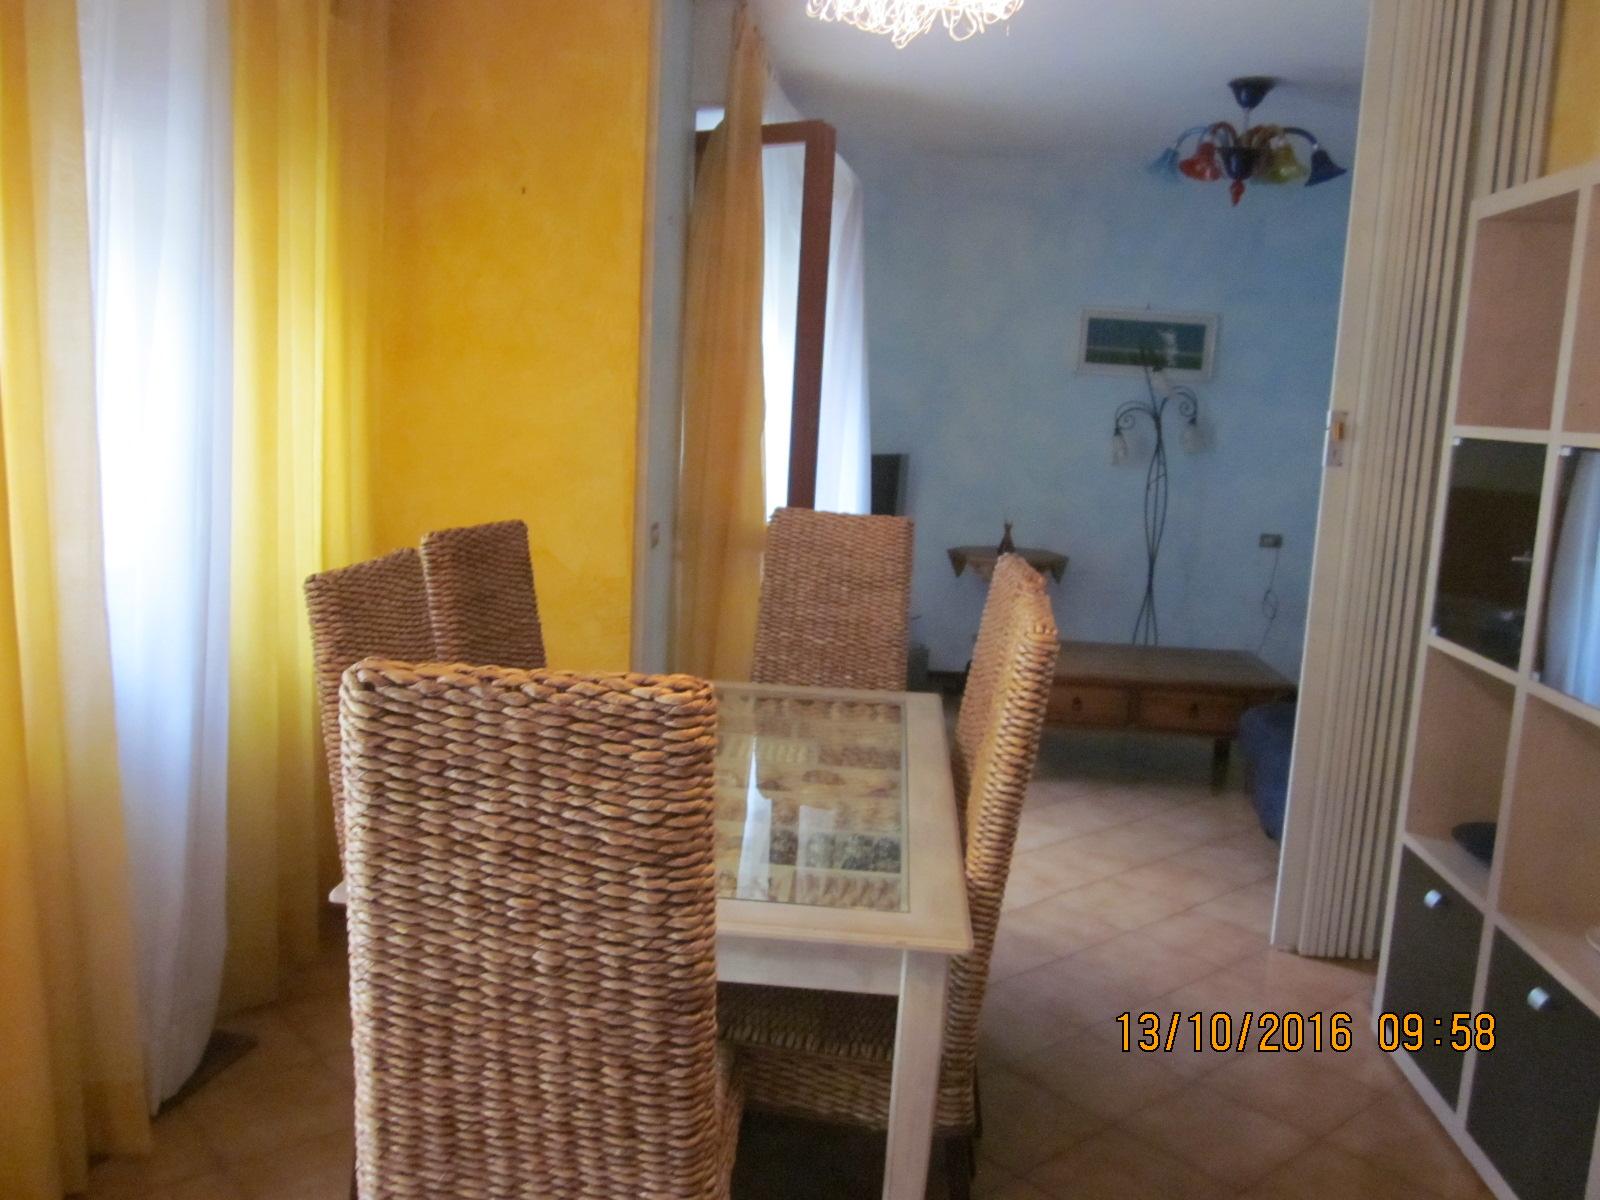 Appartamento in affitto a Viareggio, 4 locali, zona Località: Fasciamare, prezzo € 750 | CambioCasa.it